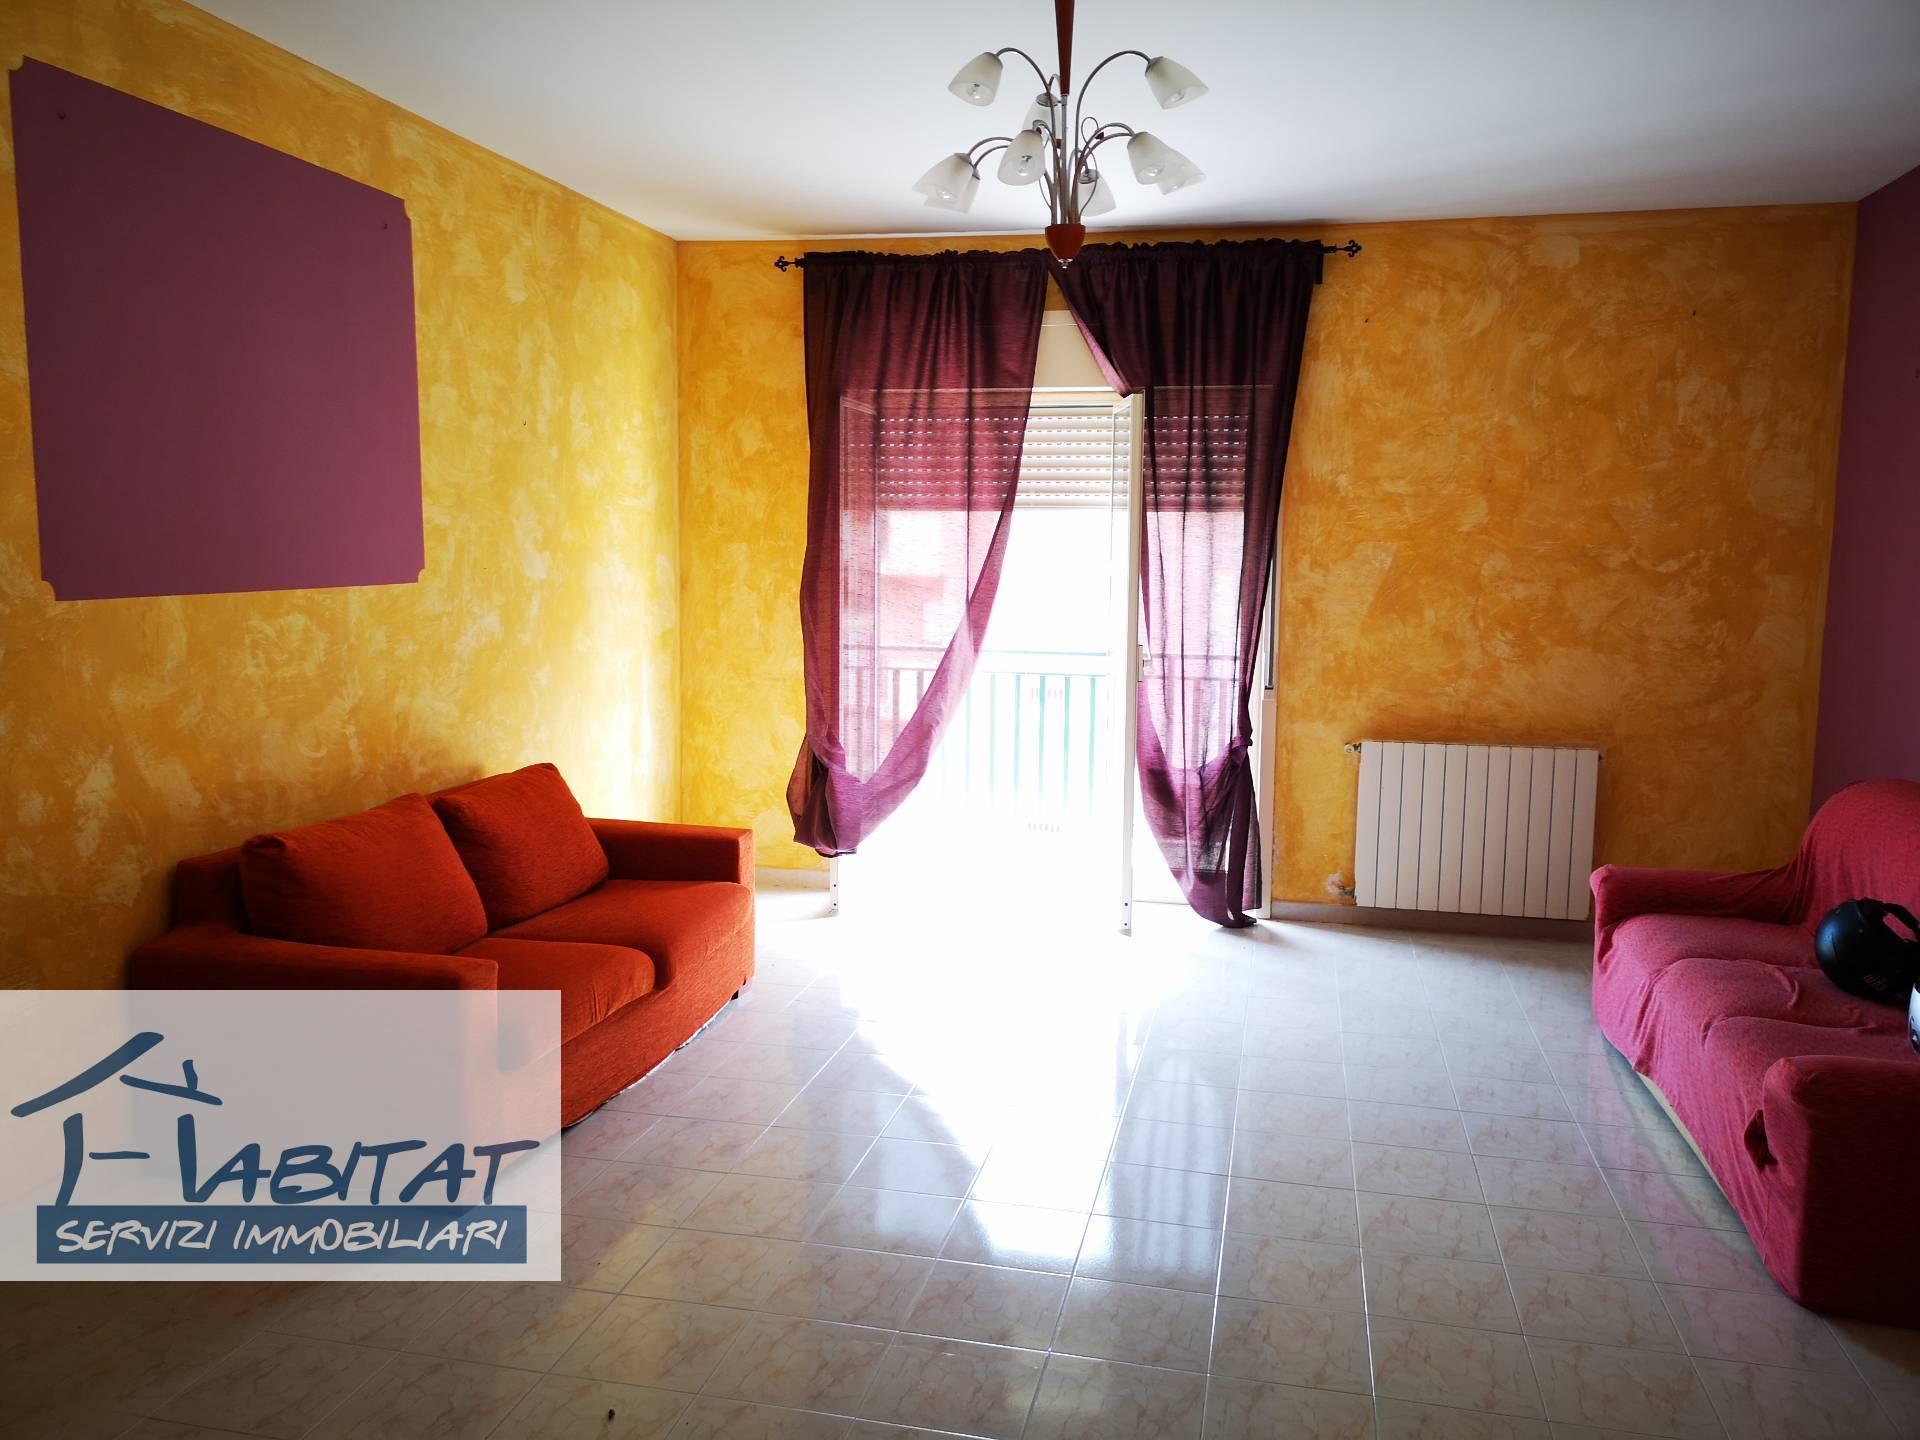 Appartamento in vendita Monserrato Agrigento